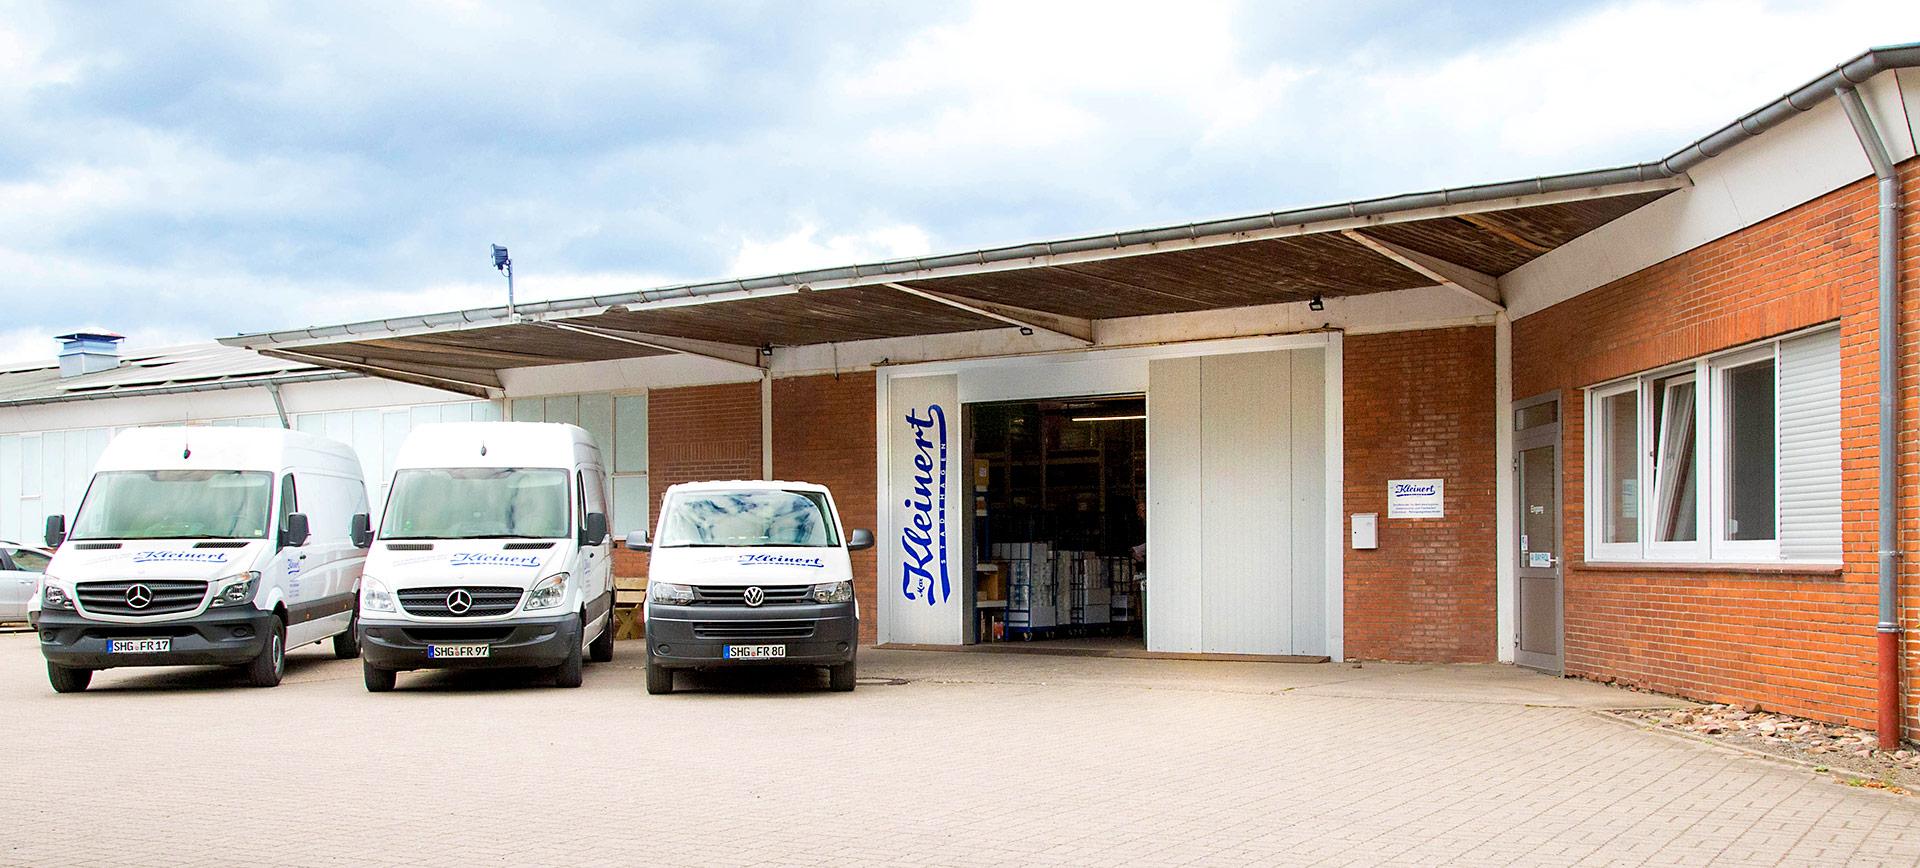 Firmengelände Max Kleinert Stadthagen, Inh. F. Richter